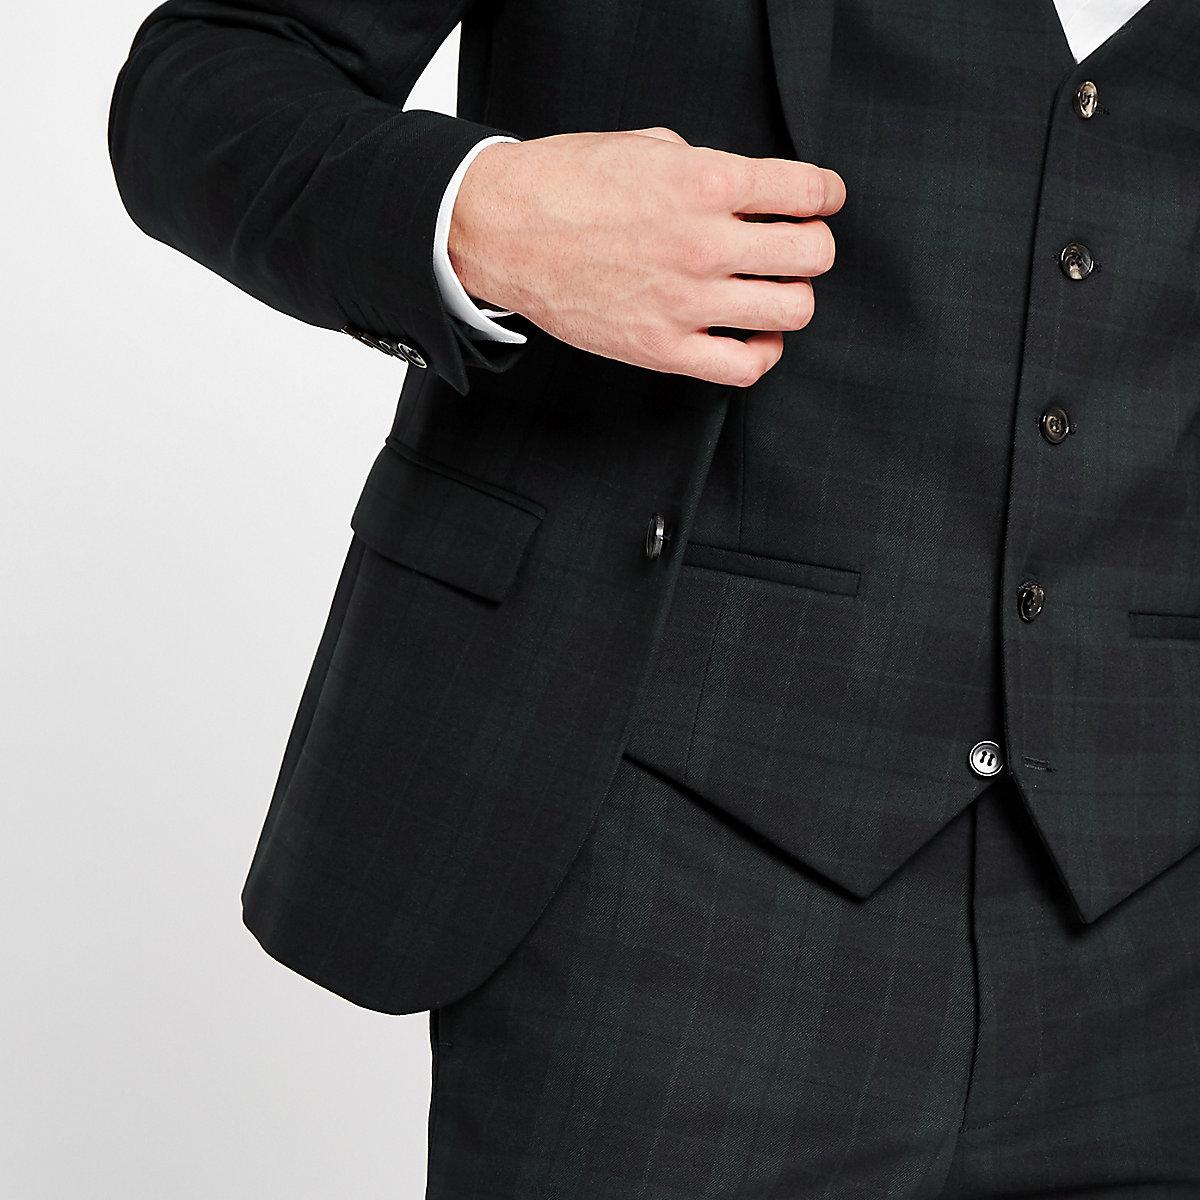 Green Plaid Check Suit Vest Vests Suits Men